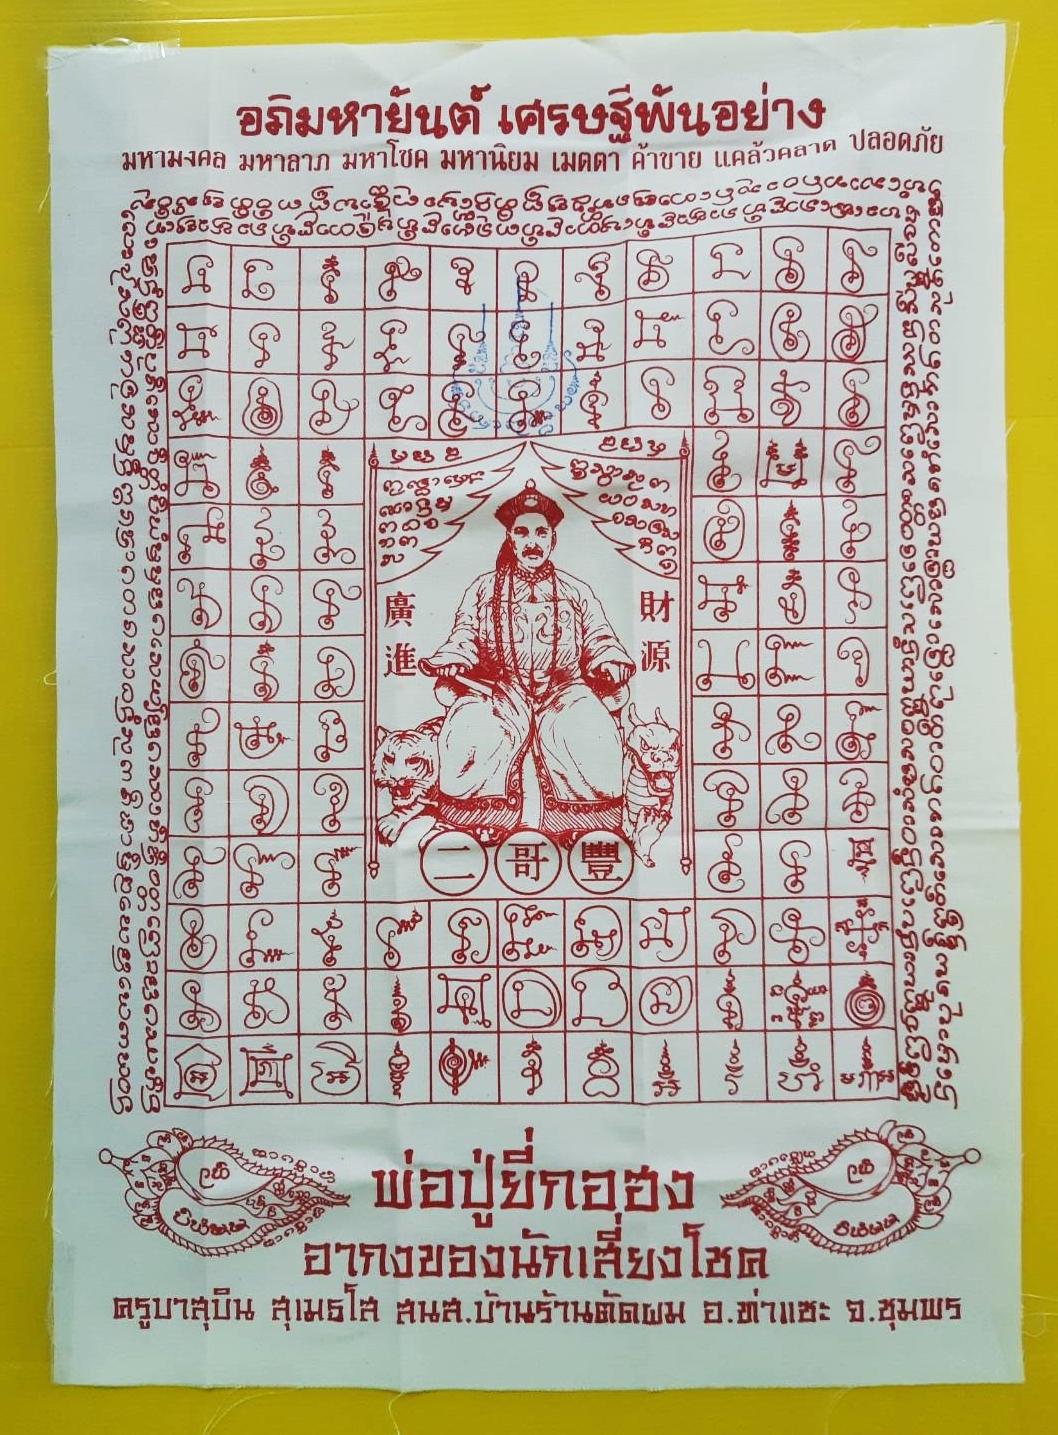 ผ้ายันต์ สีขาวลายแดง พ่อปู่ยี่กอฮง  ครูบาสุบิน สุเมธโส สำนักสงฆ์บ้านร้านตัดผม 2555